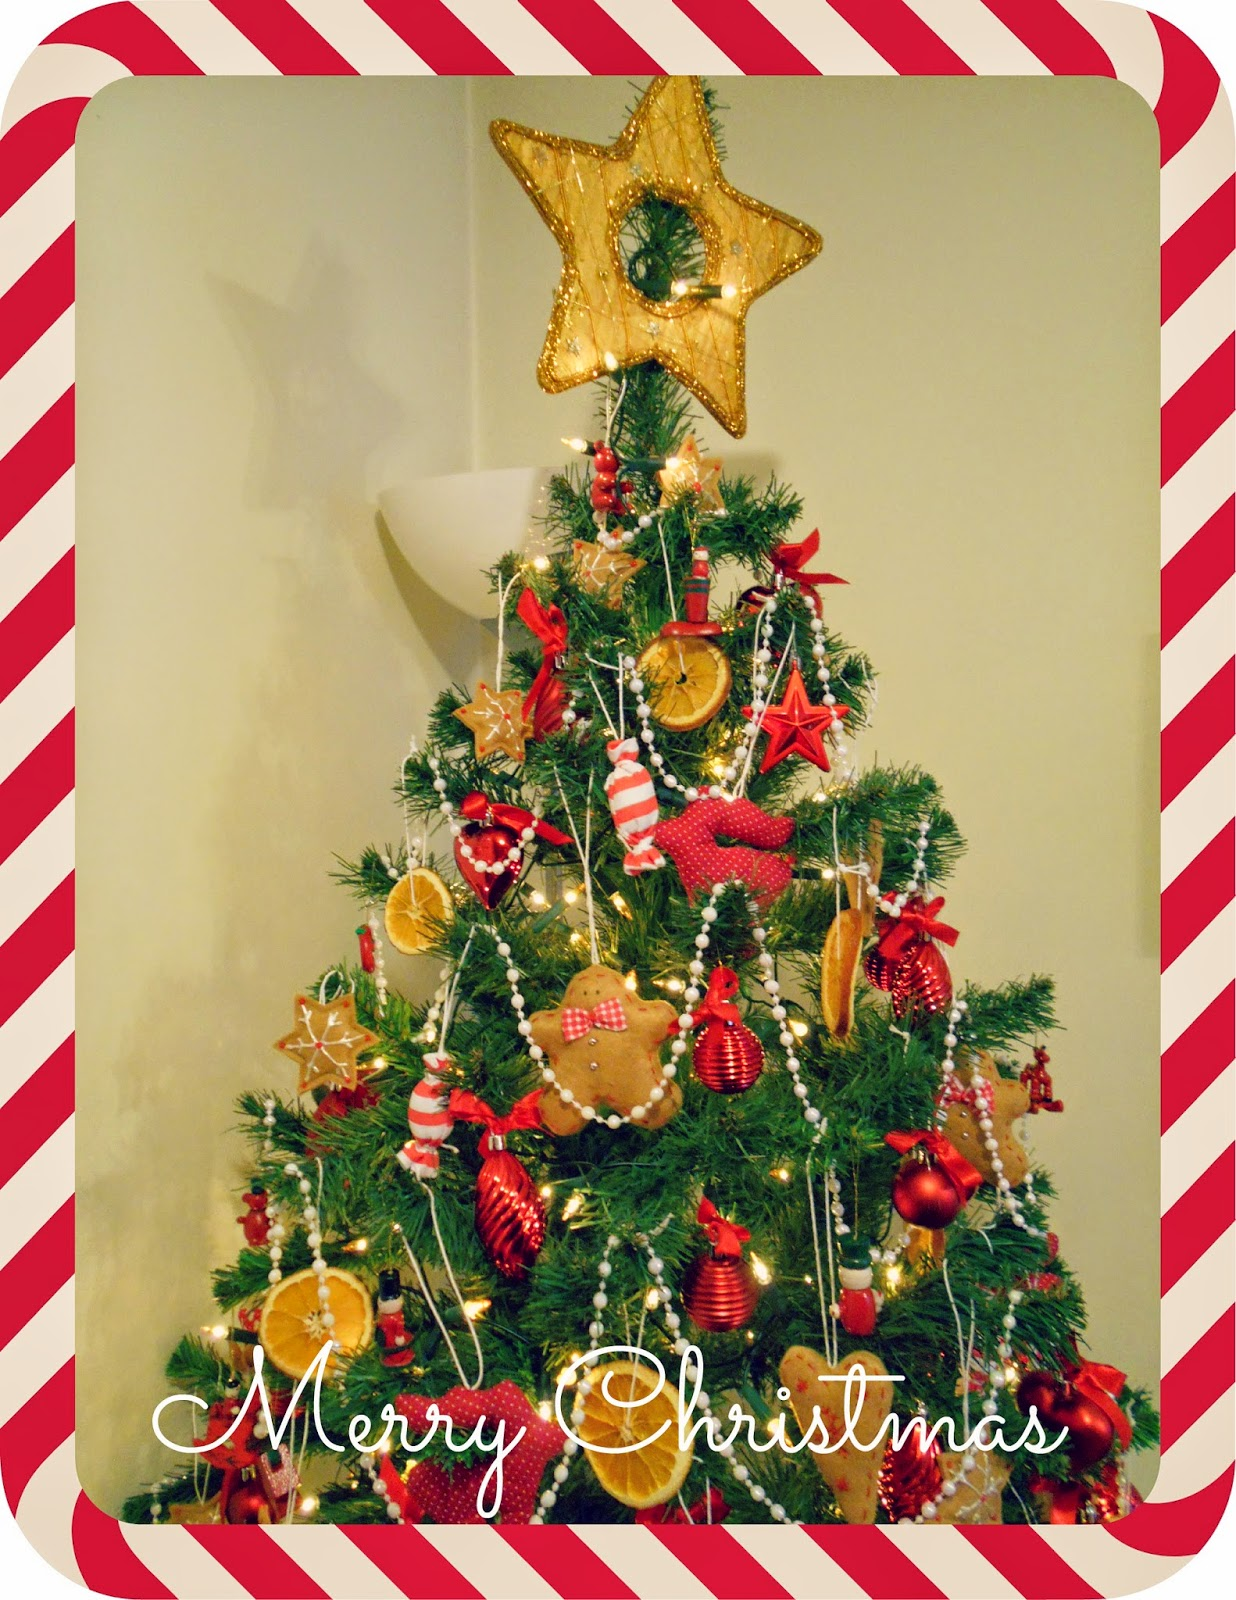 Buon Natale, Feliz Navidad, Frohe Weihnachten,  Merry Christmas